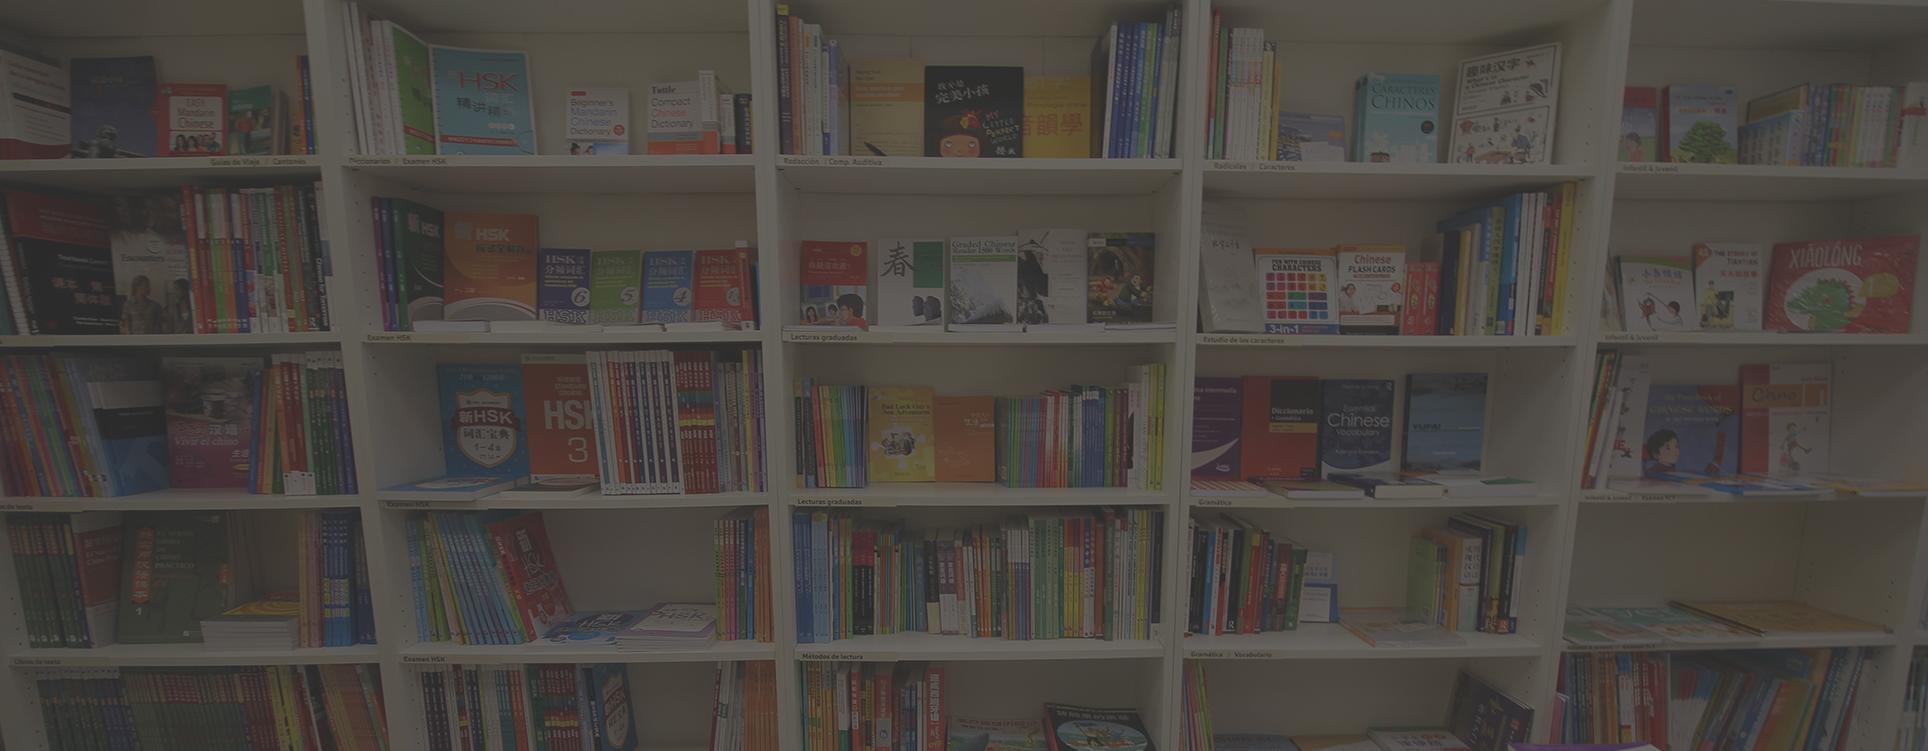 libreria aprende chino hoy